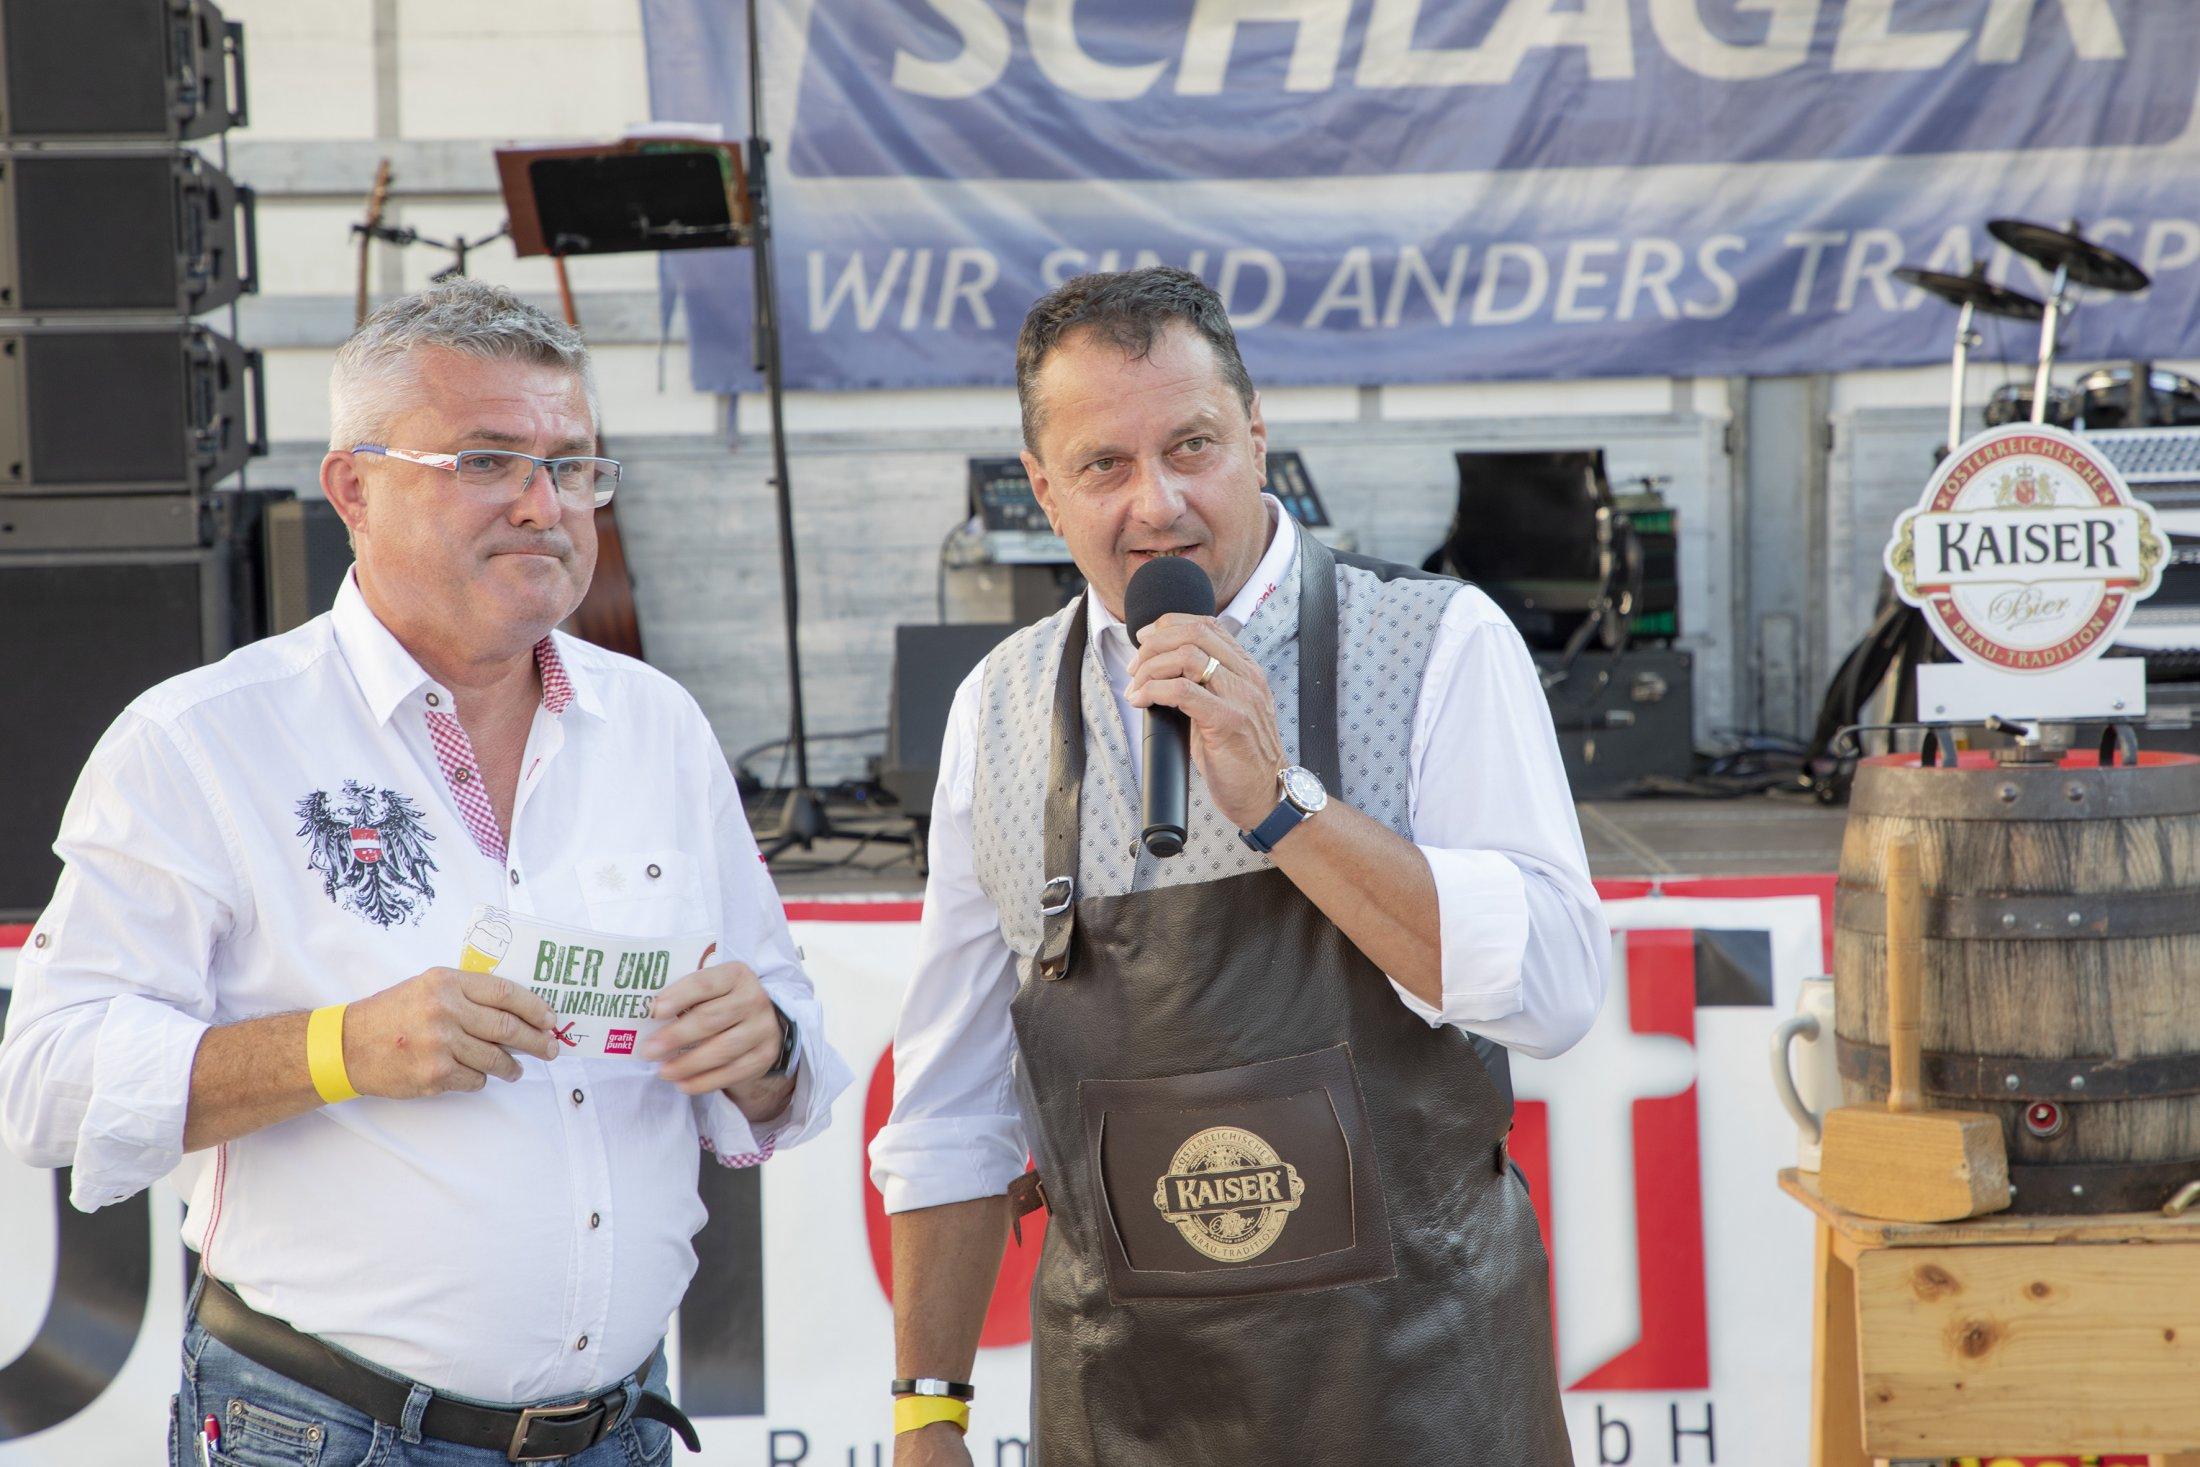 Bier-und-Kulinarikfest-Perg-2021 (42)